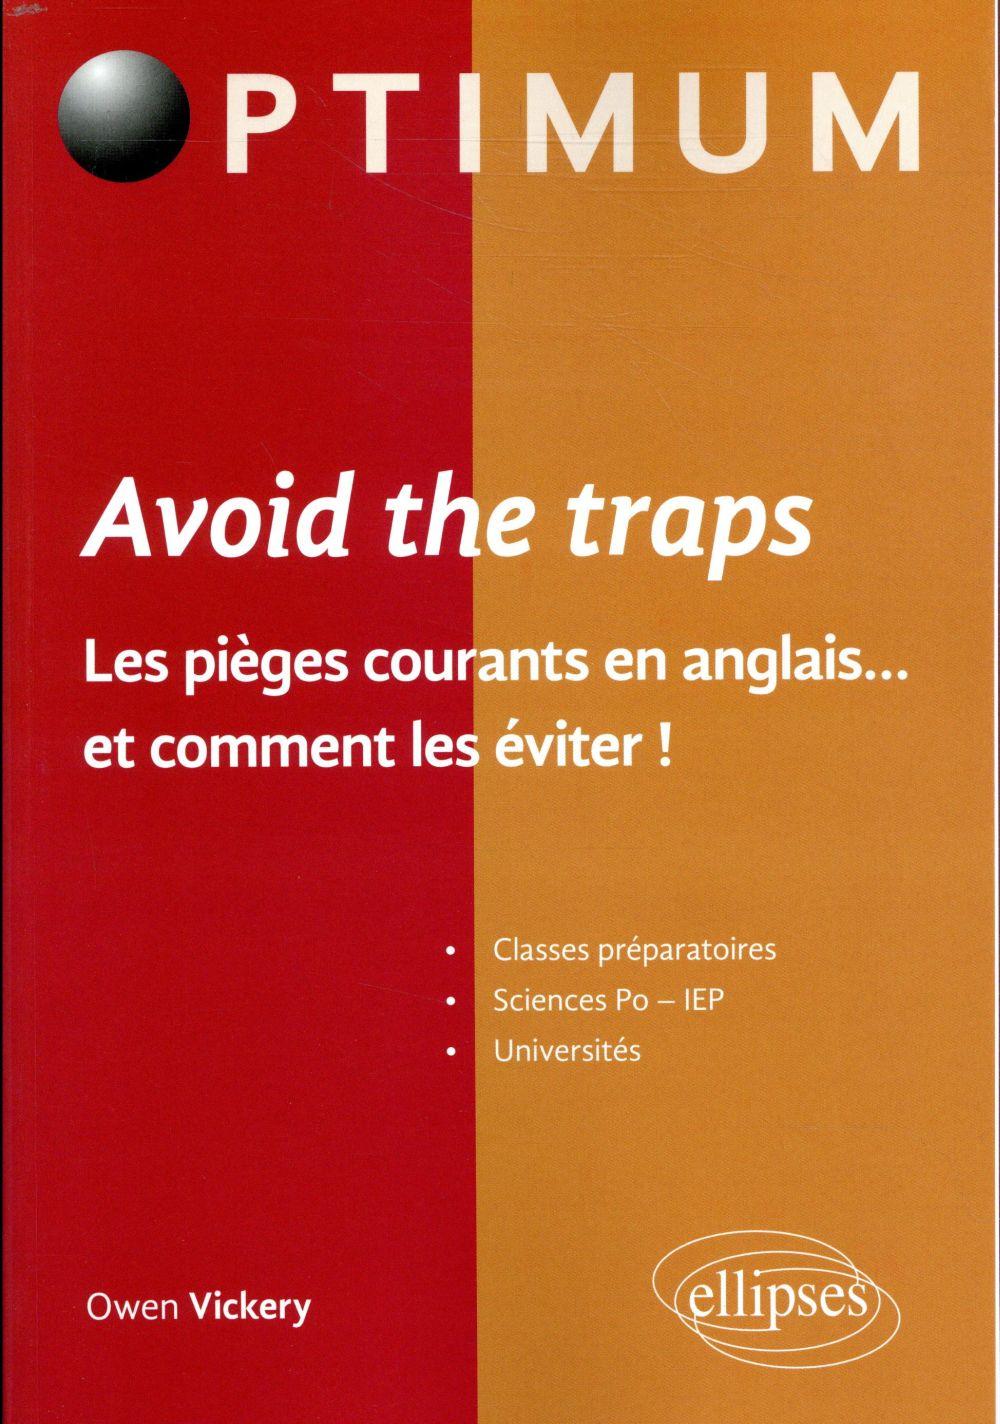 AVOID THE TRAP LES PIEGES COURANTS EN ANGLAIS ET COMMENT LES EVITER  ELLIPSES MARKET